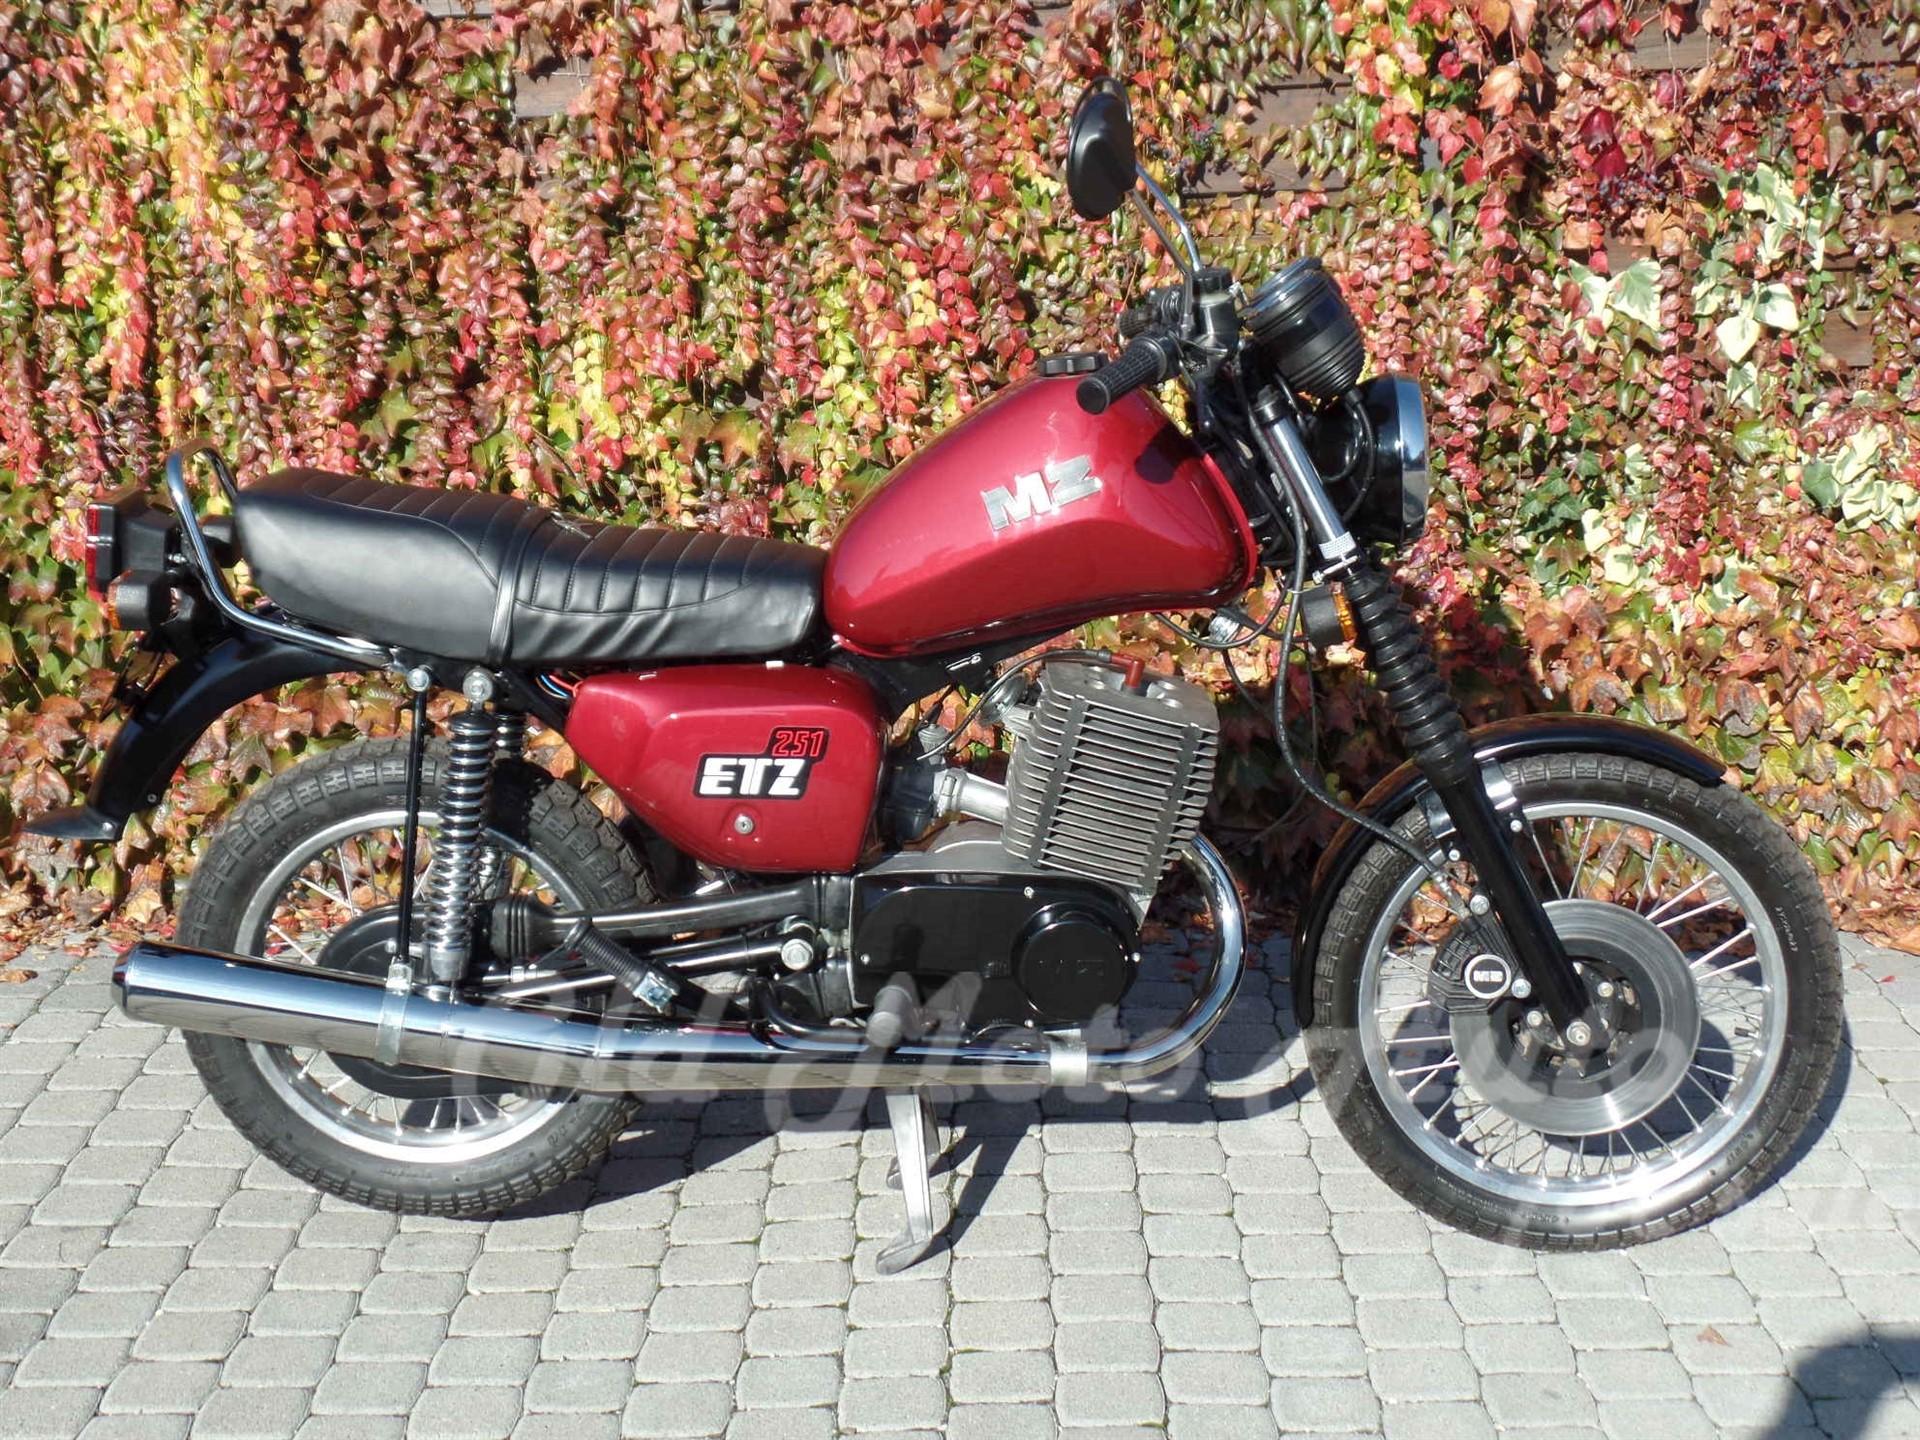 ETZ 251